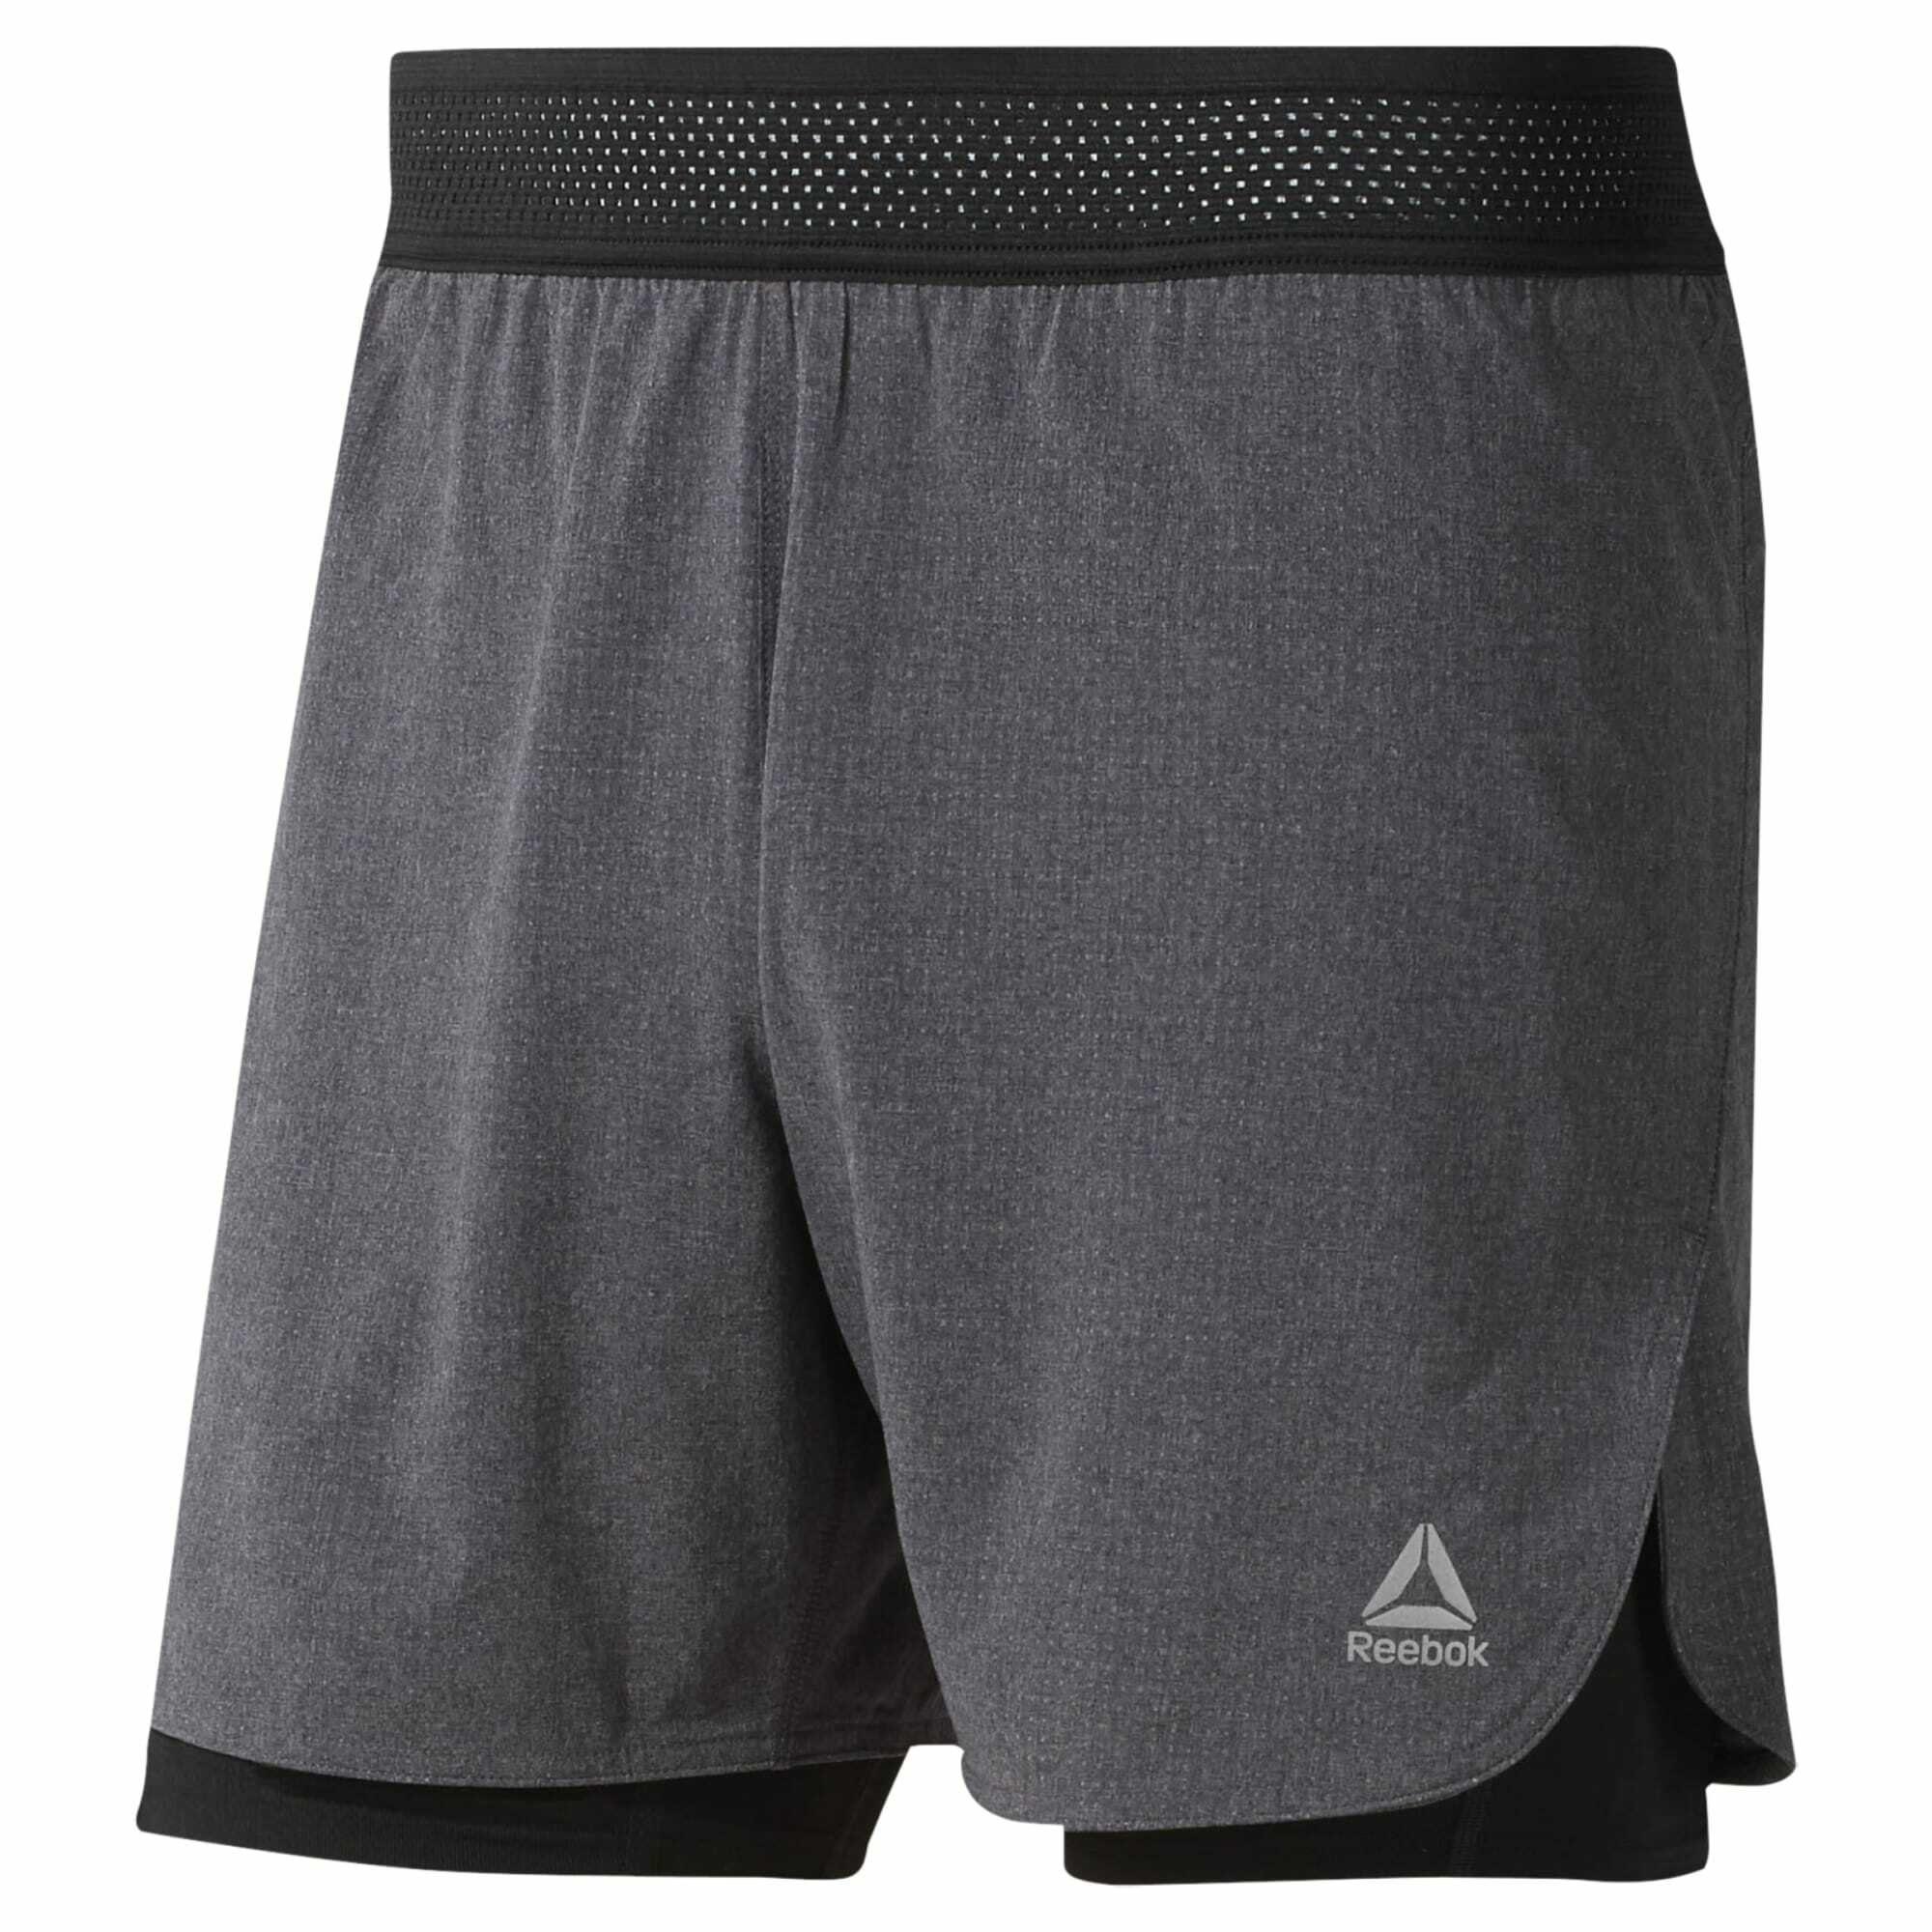 Reebok Männer ONE Series Running Woven Shorts – 13 cm